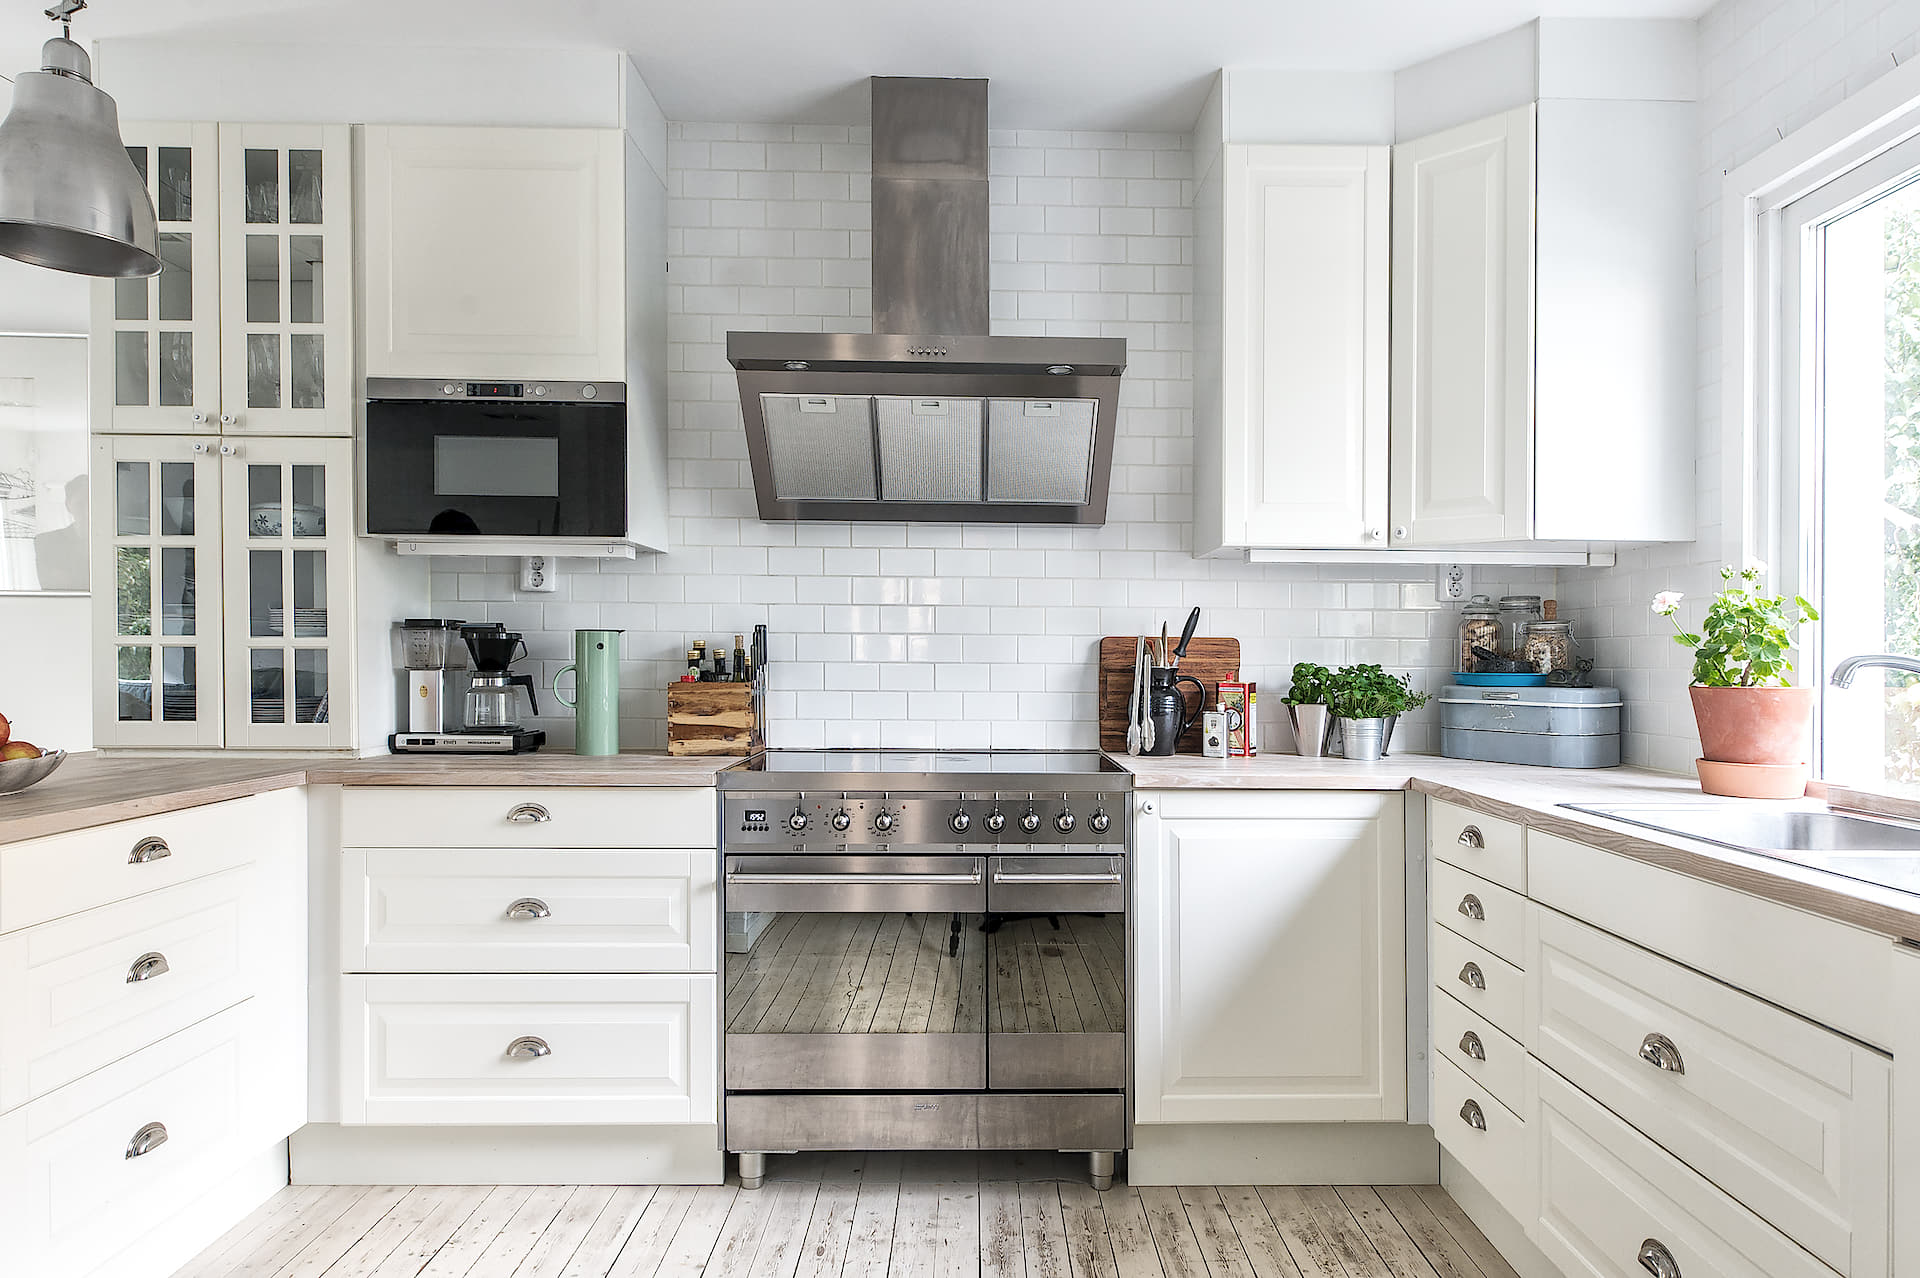 кухня белые фасады филёнка плита вытяжка плитка кабанчик окно мойка